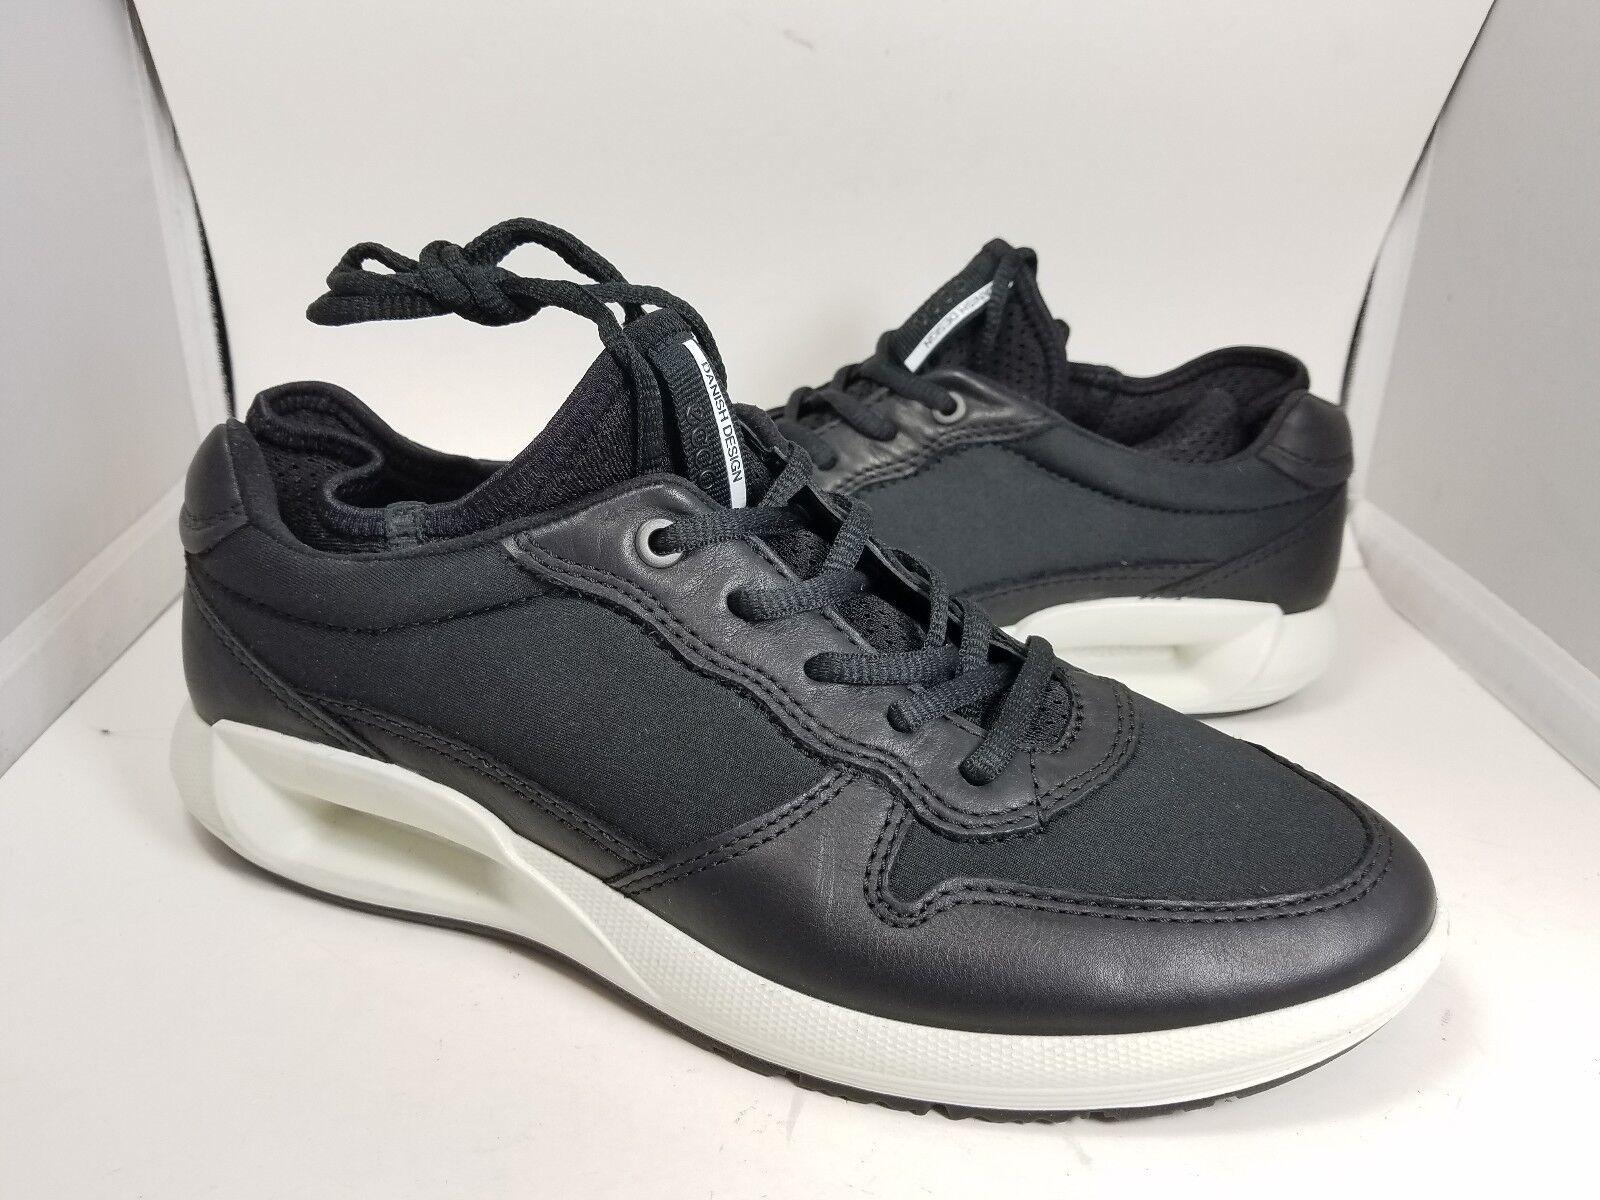 sz 8.5/ 39 NEW ECCO Women's Black neoprene / leather Fashion Sneaker